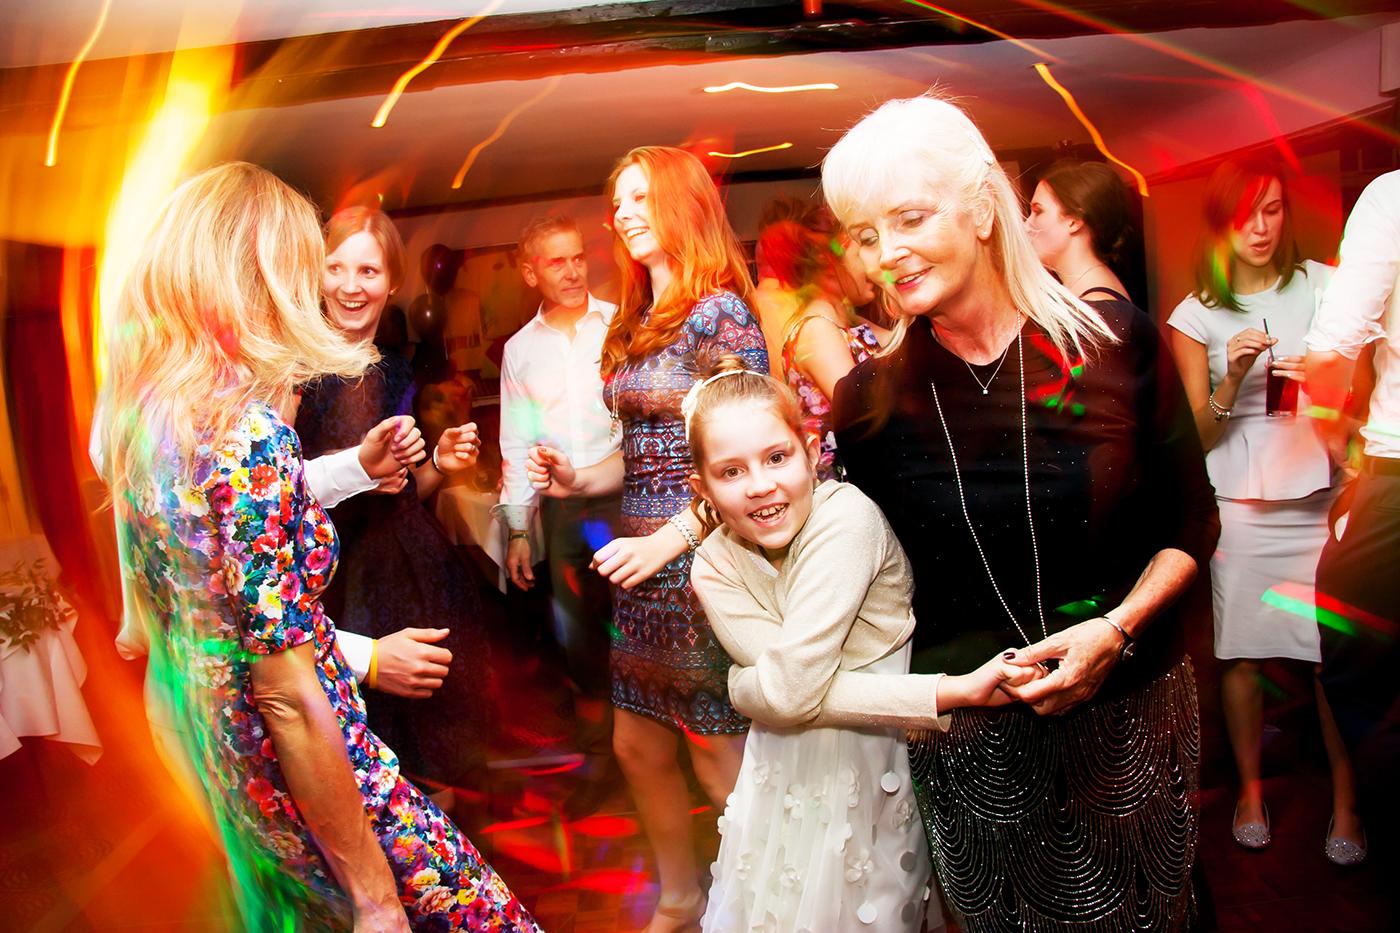 Guests get down on the dancefloor.jpg